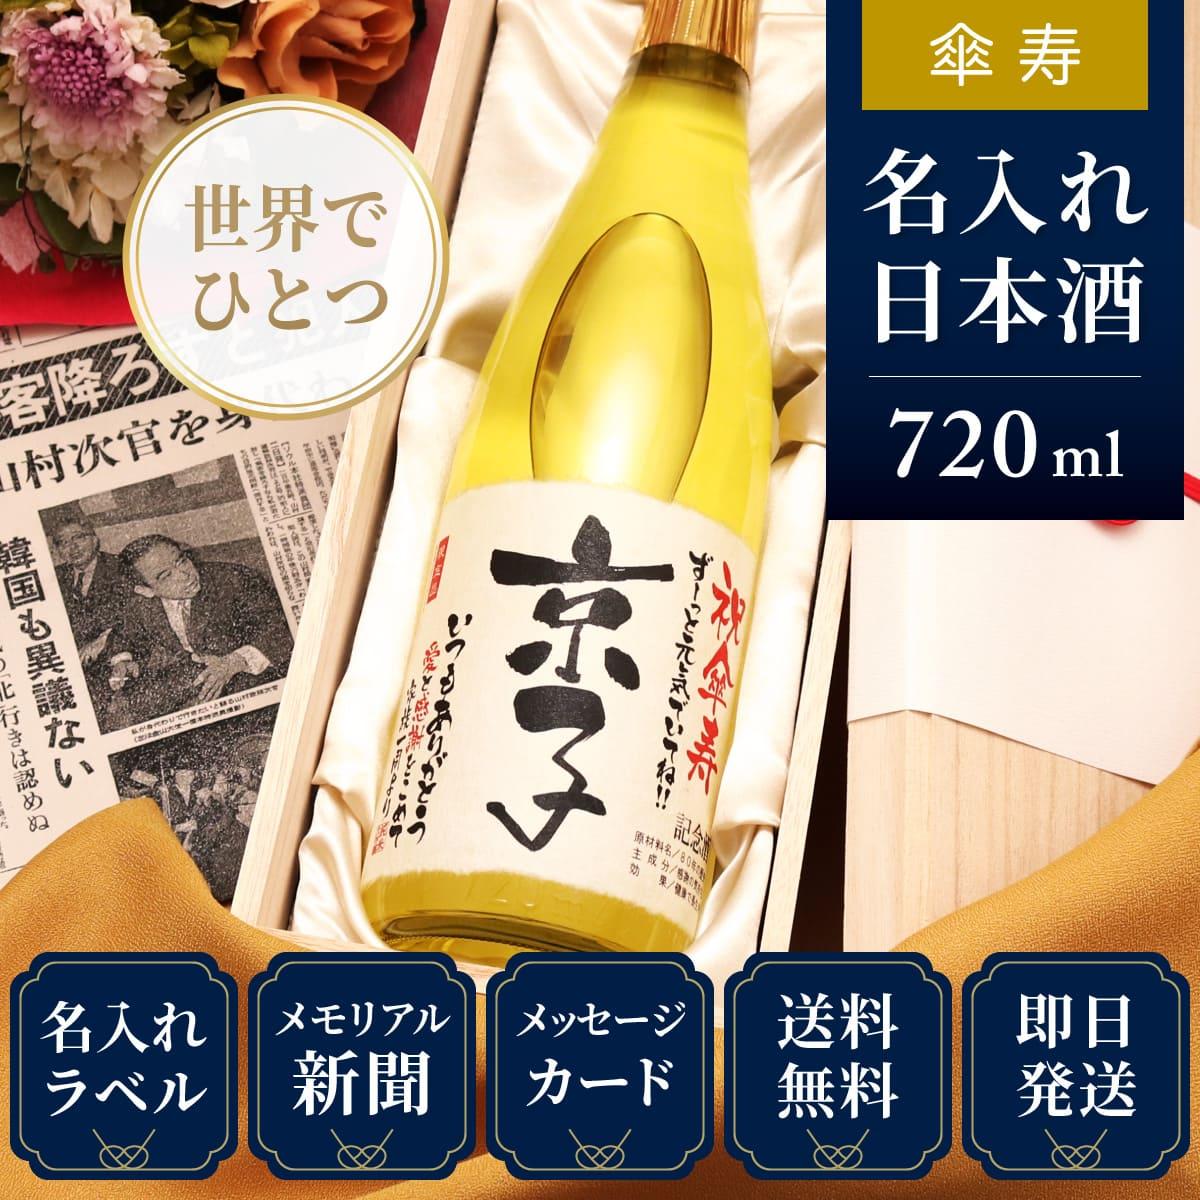 傘寿のプレゼント「巴月」母親向けギフト(日本酒)